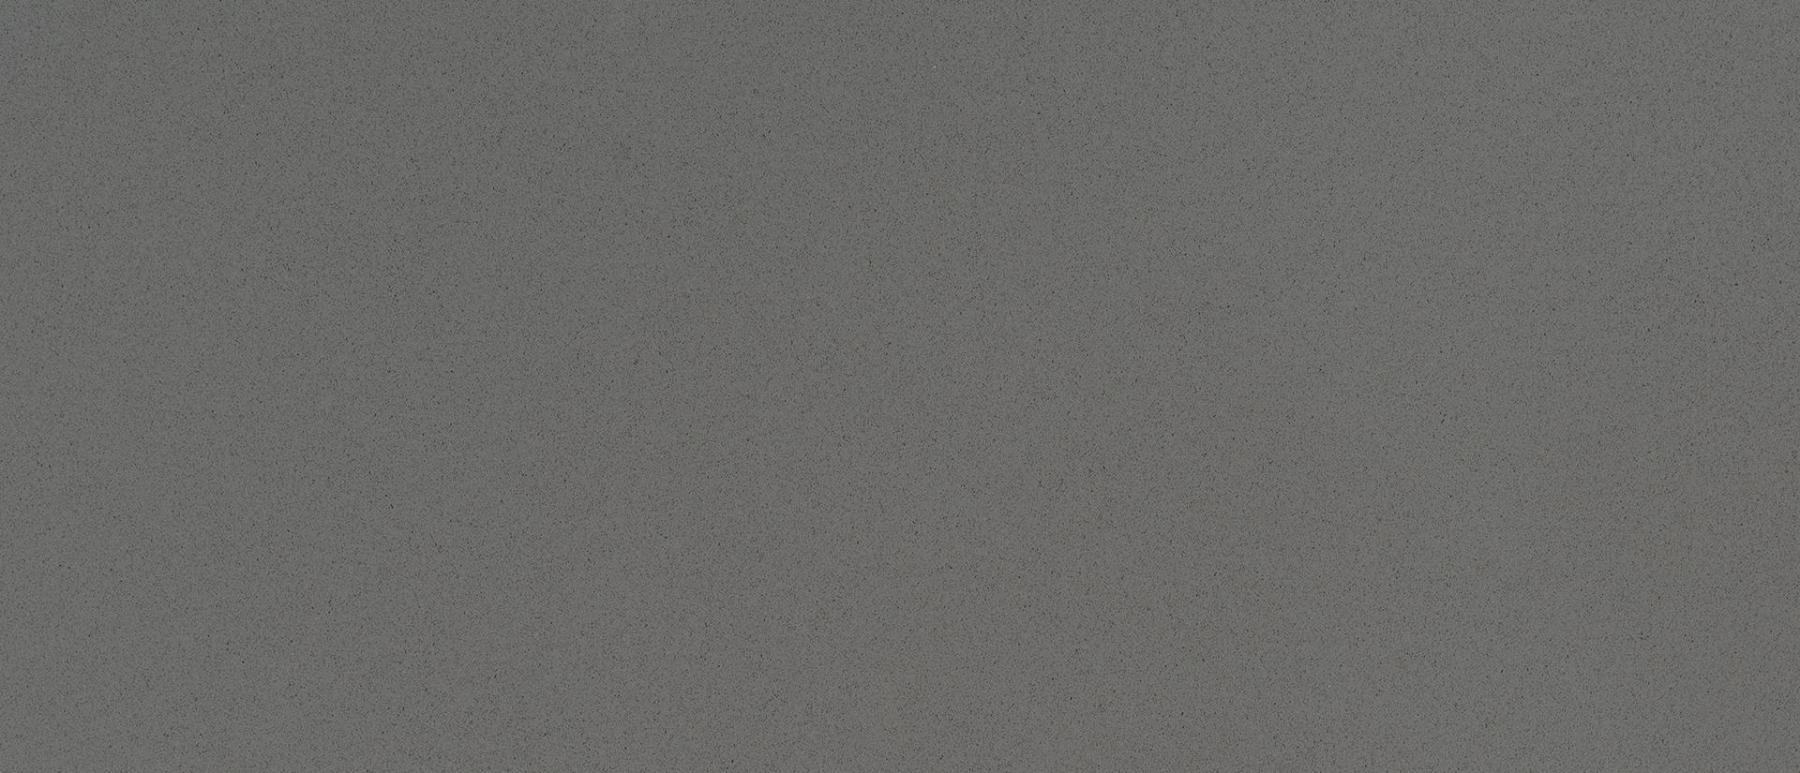 mystic-gray-quartz-1